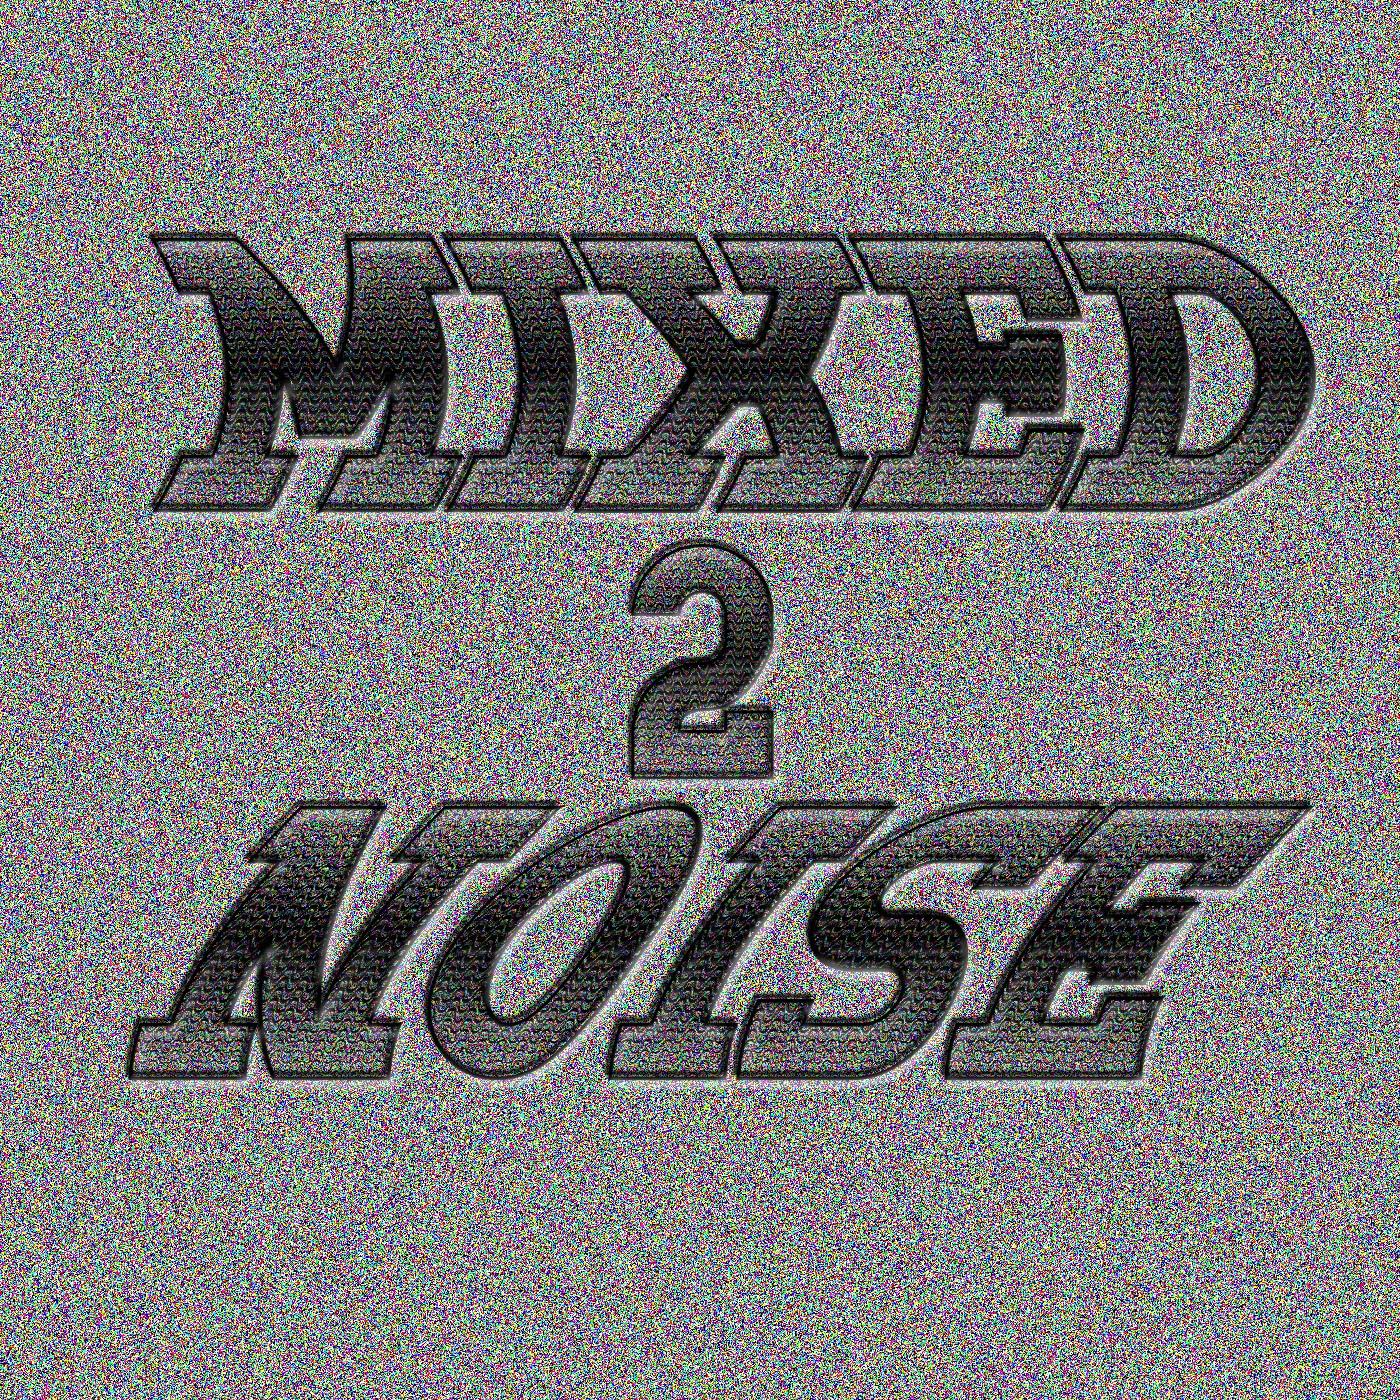 mixednoiselogo2